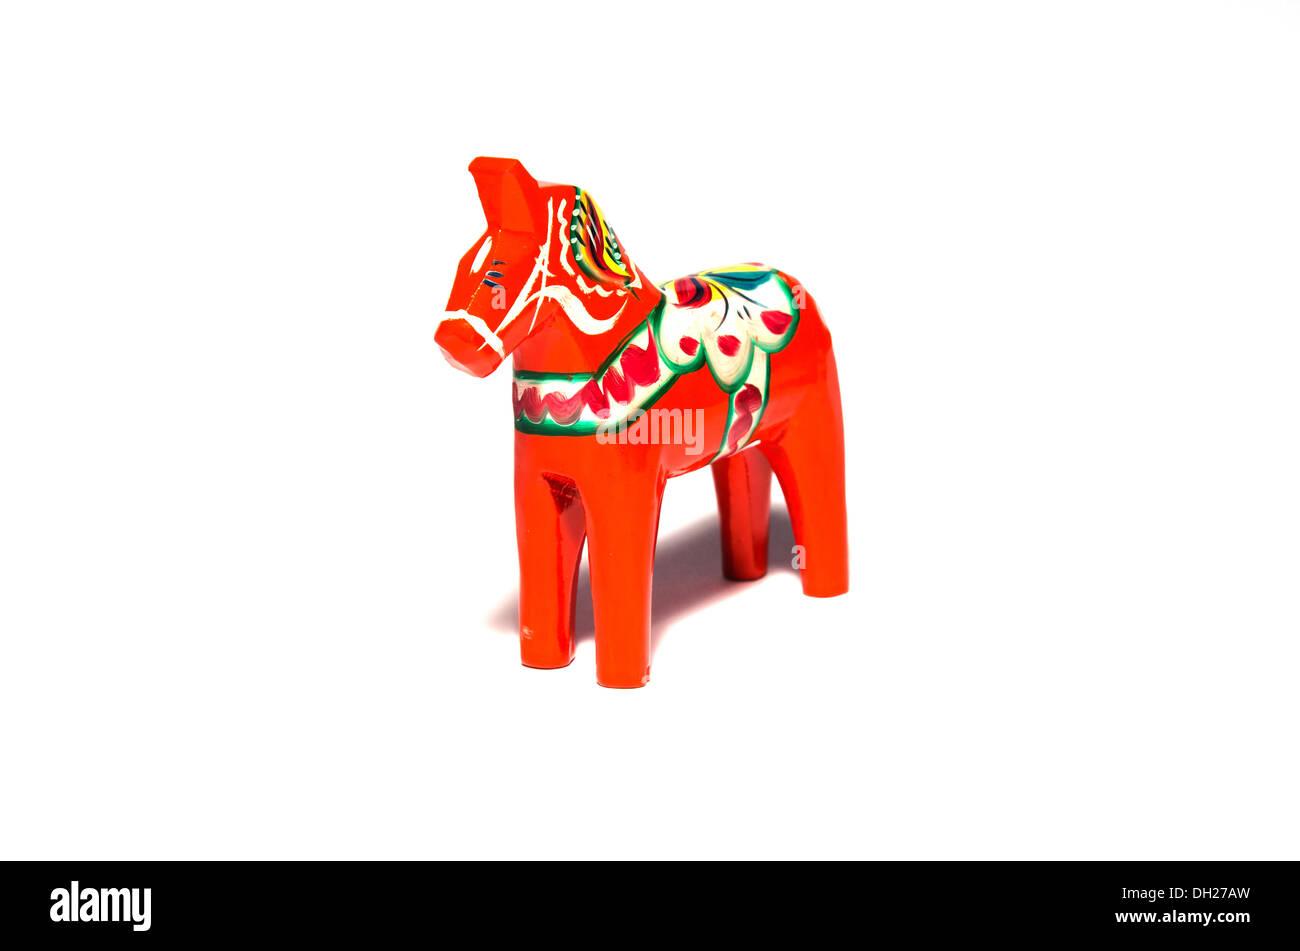 Dala Horse Stock Photos Dala Horse Stock Images Alamy